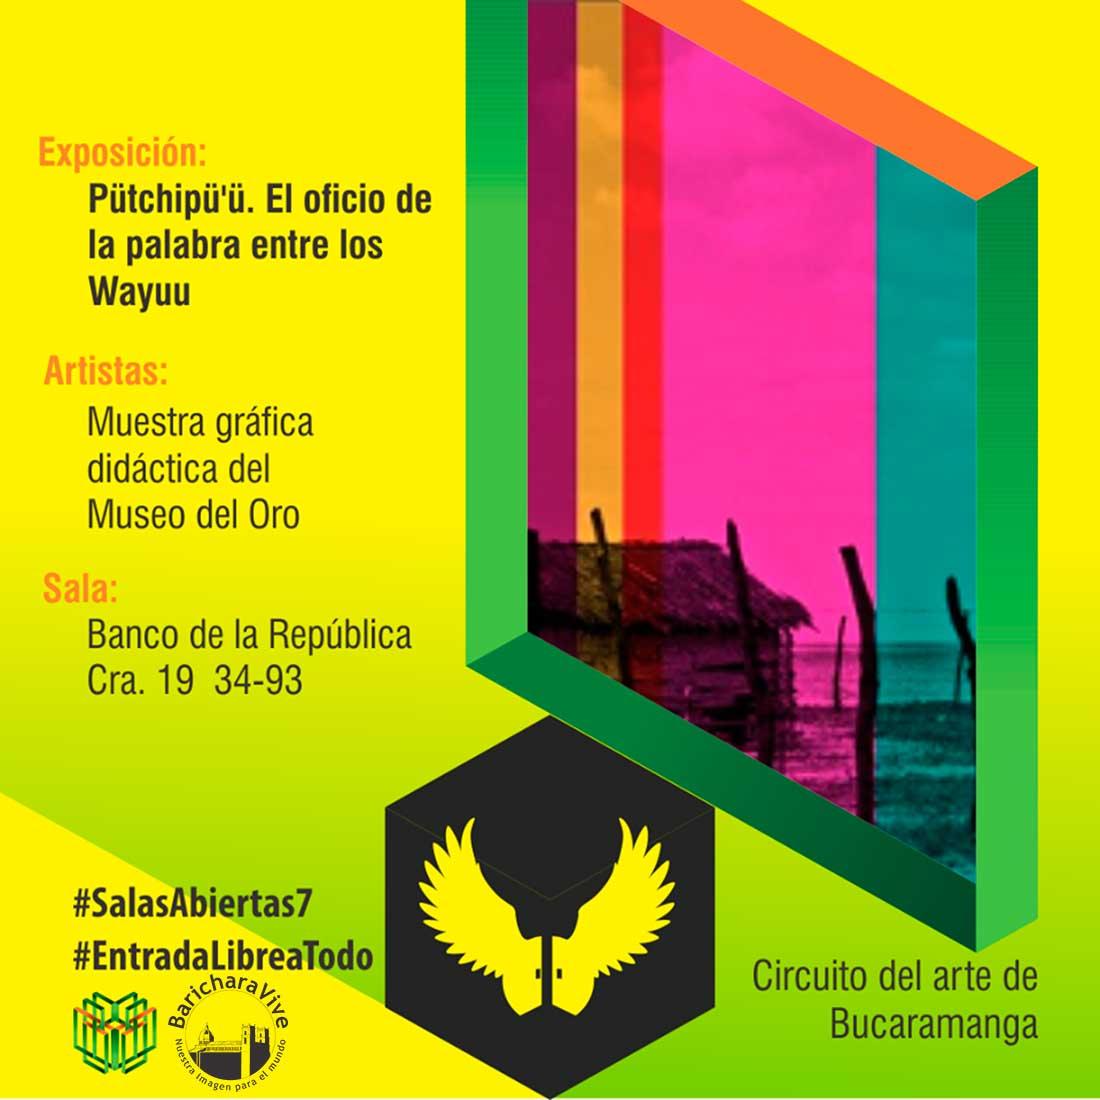 sala-banco-de-la-republica-7a-edicion-el-centro-con-las-salas-abiertas-bucaramanga-2017